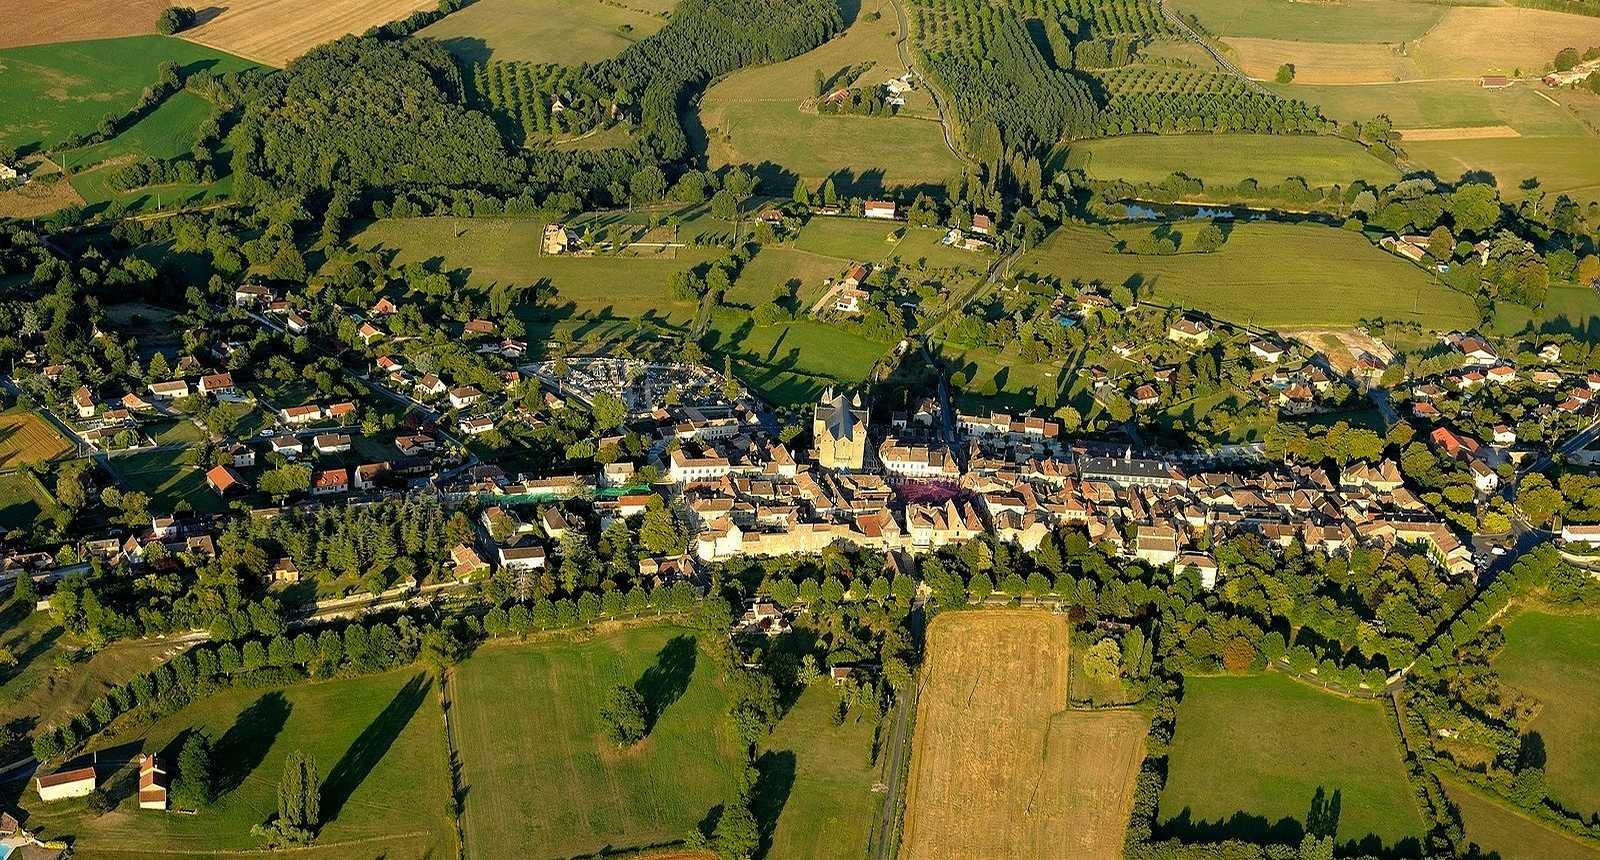 Image : Office de Tourisme* de Beaumont-du-périgord